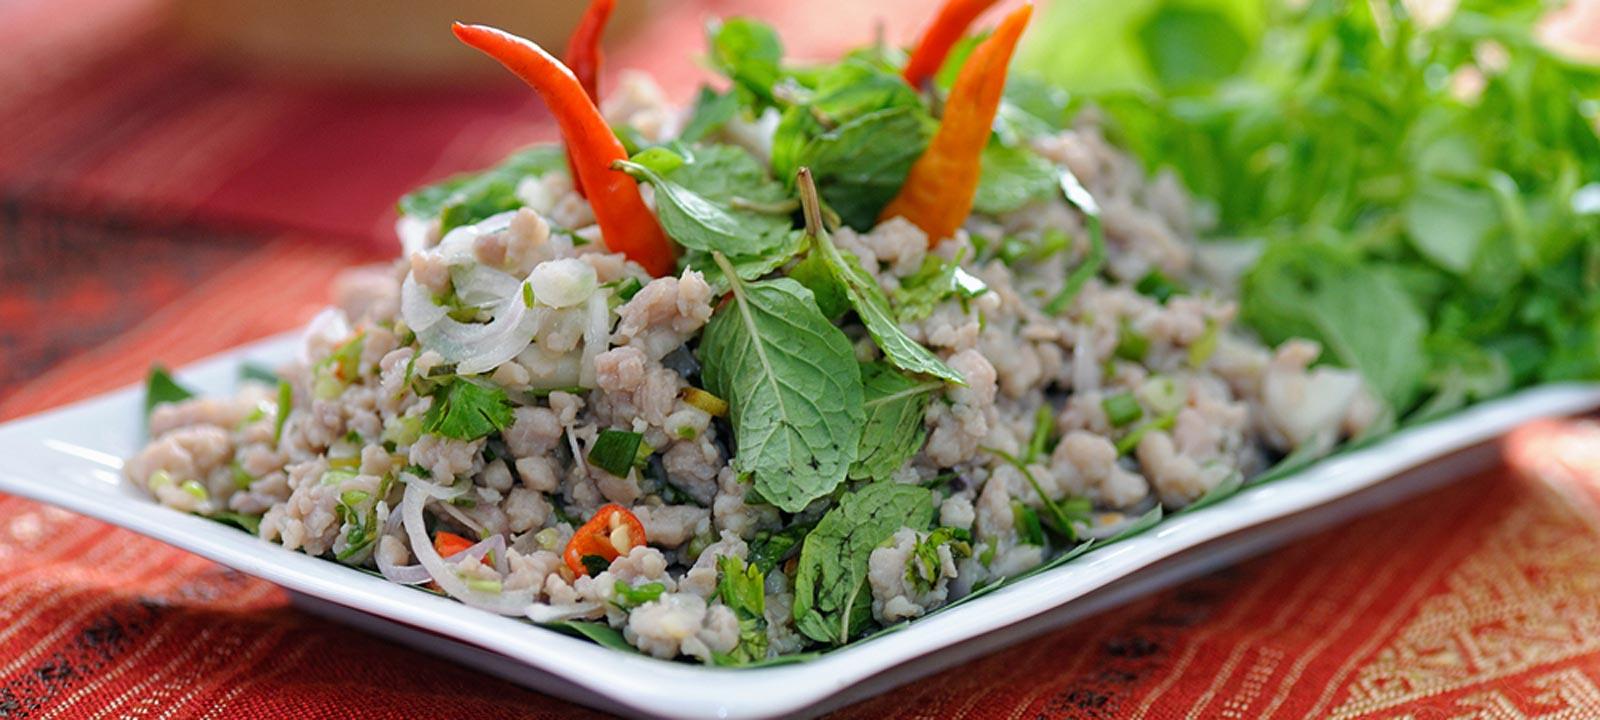 Cuisine Laotienne - Cuisine laotienne